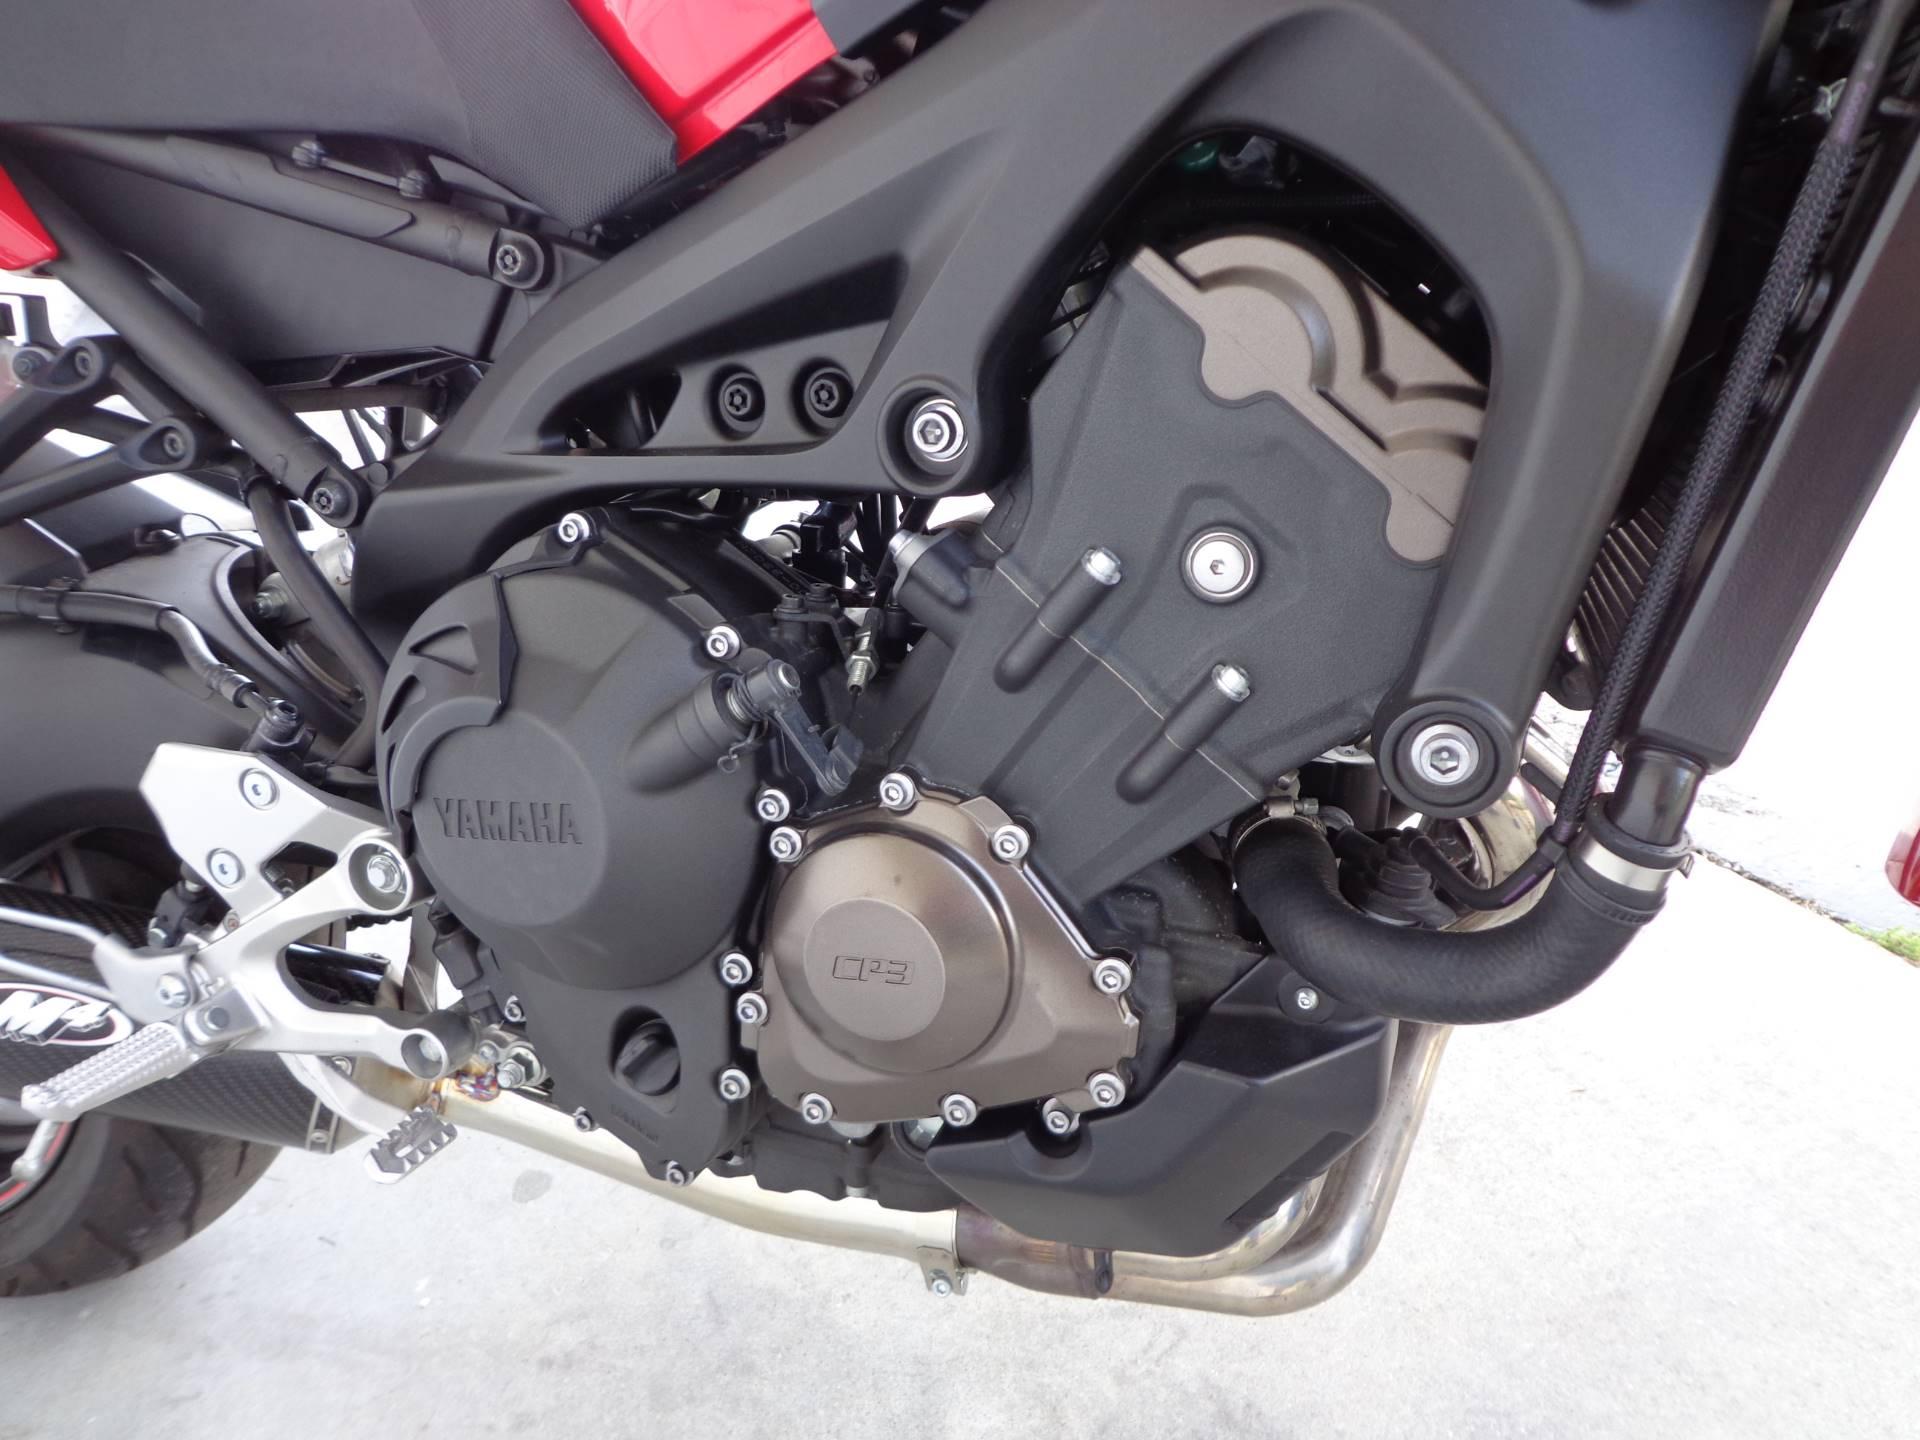 2014 Yamaha FZ-09 11